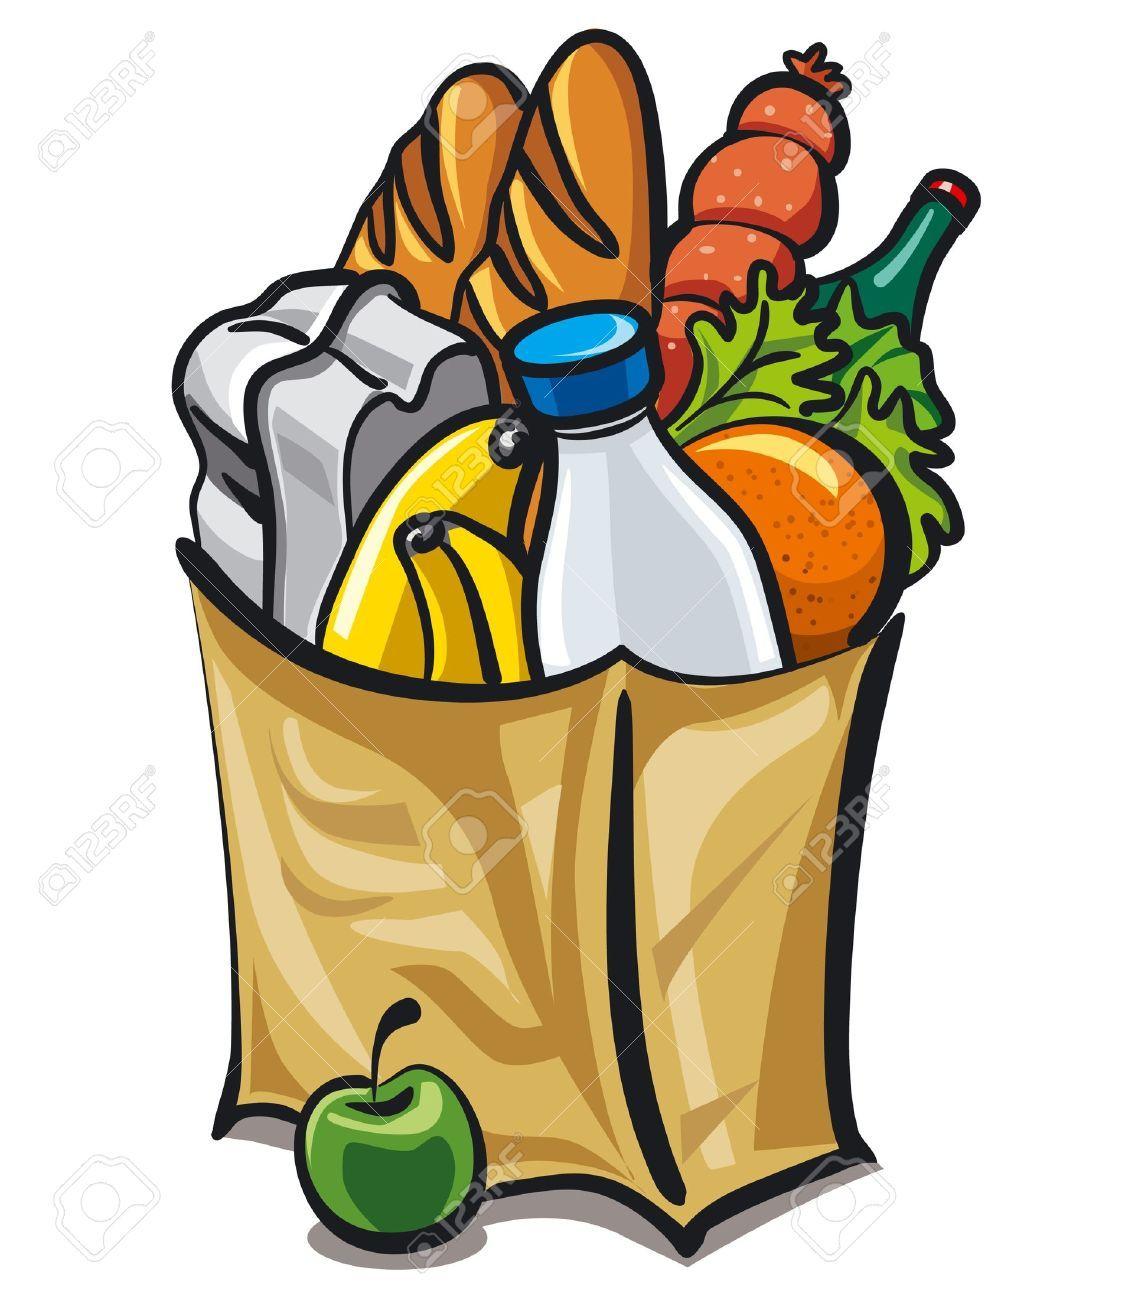 Food bag clipart 5 » Clipart Portal.